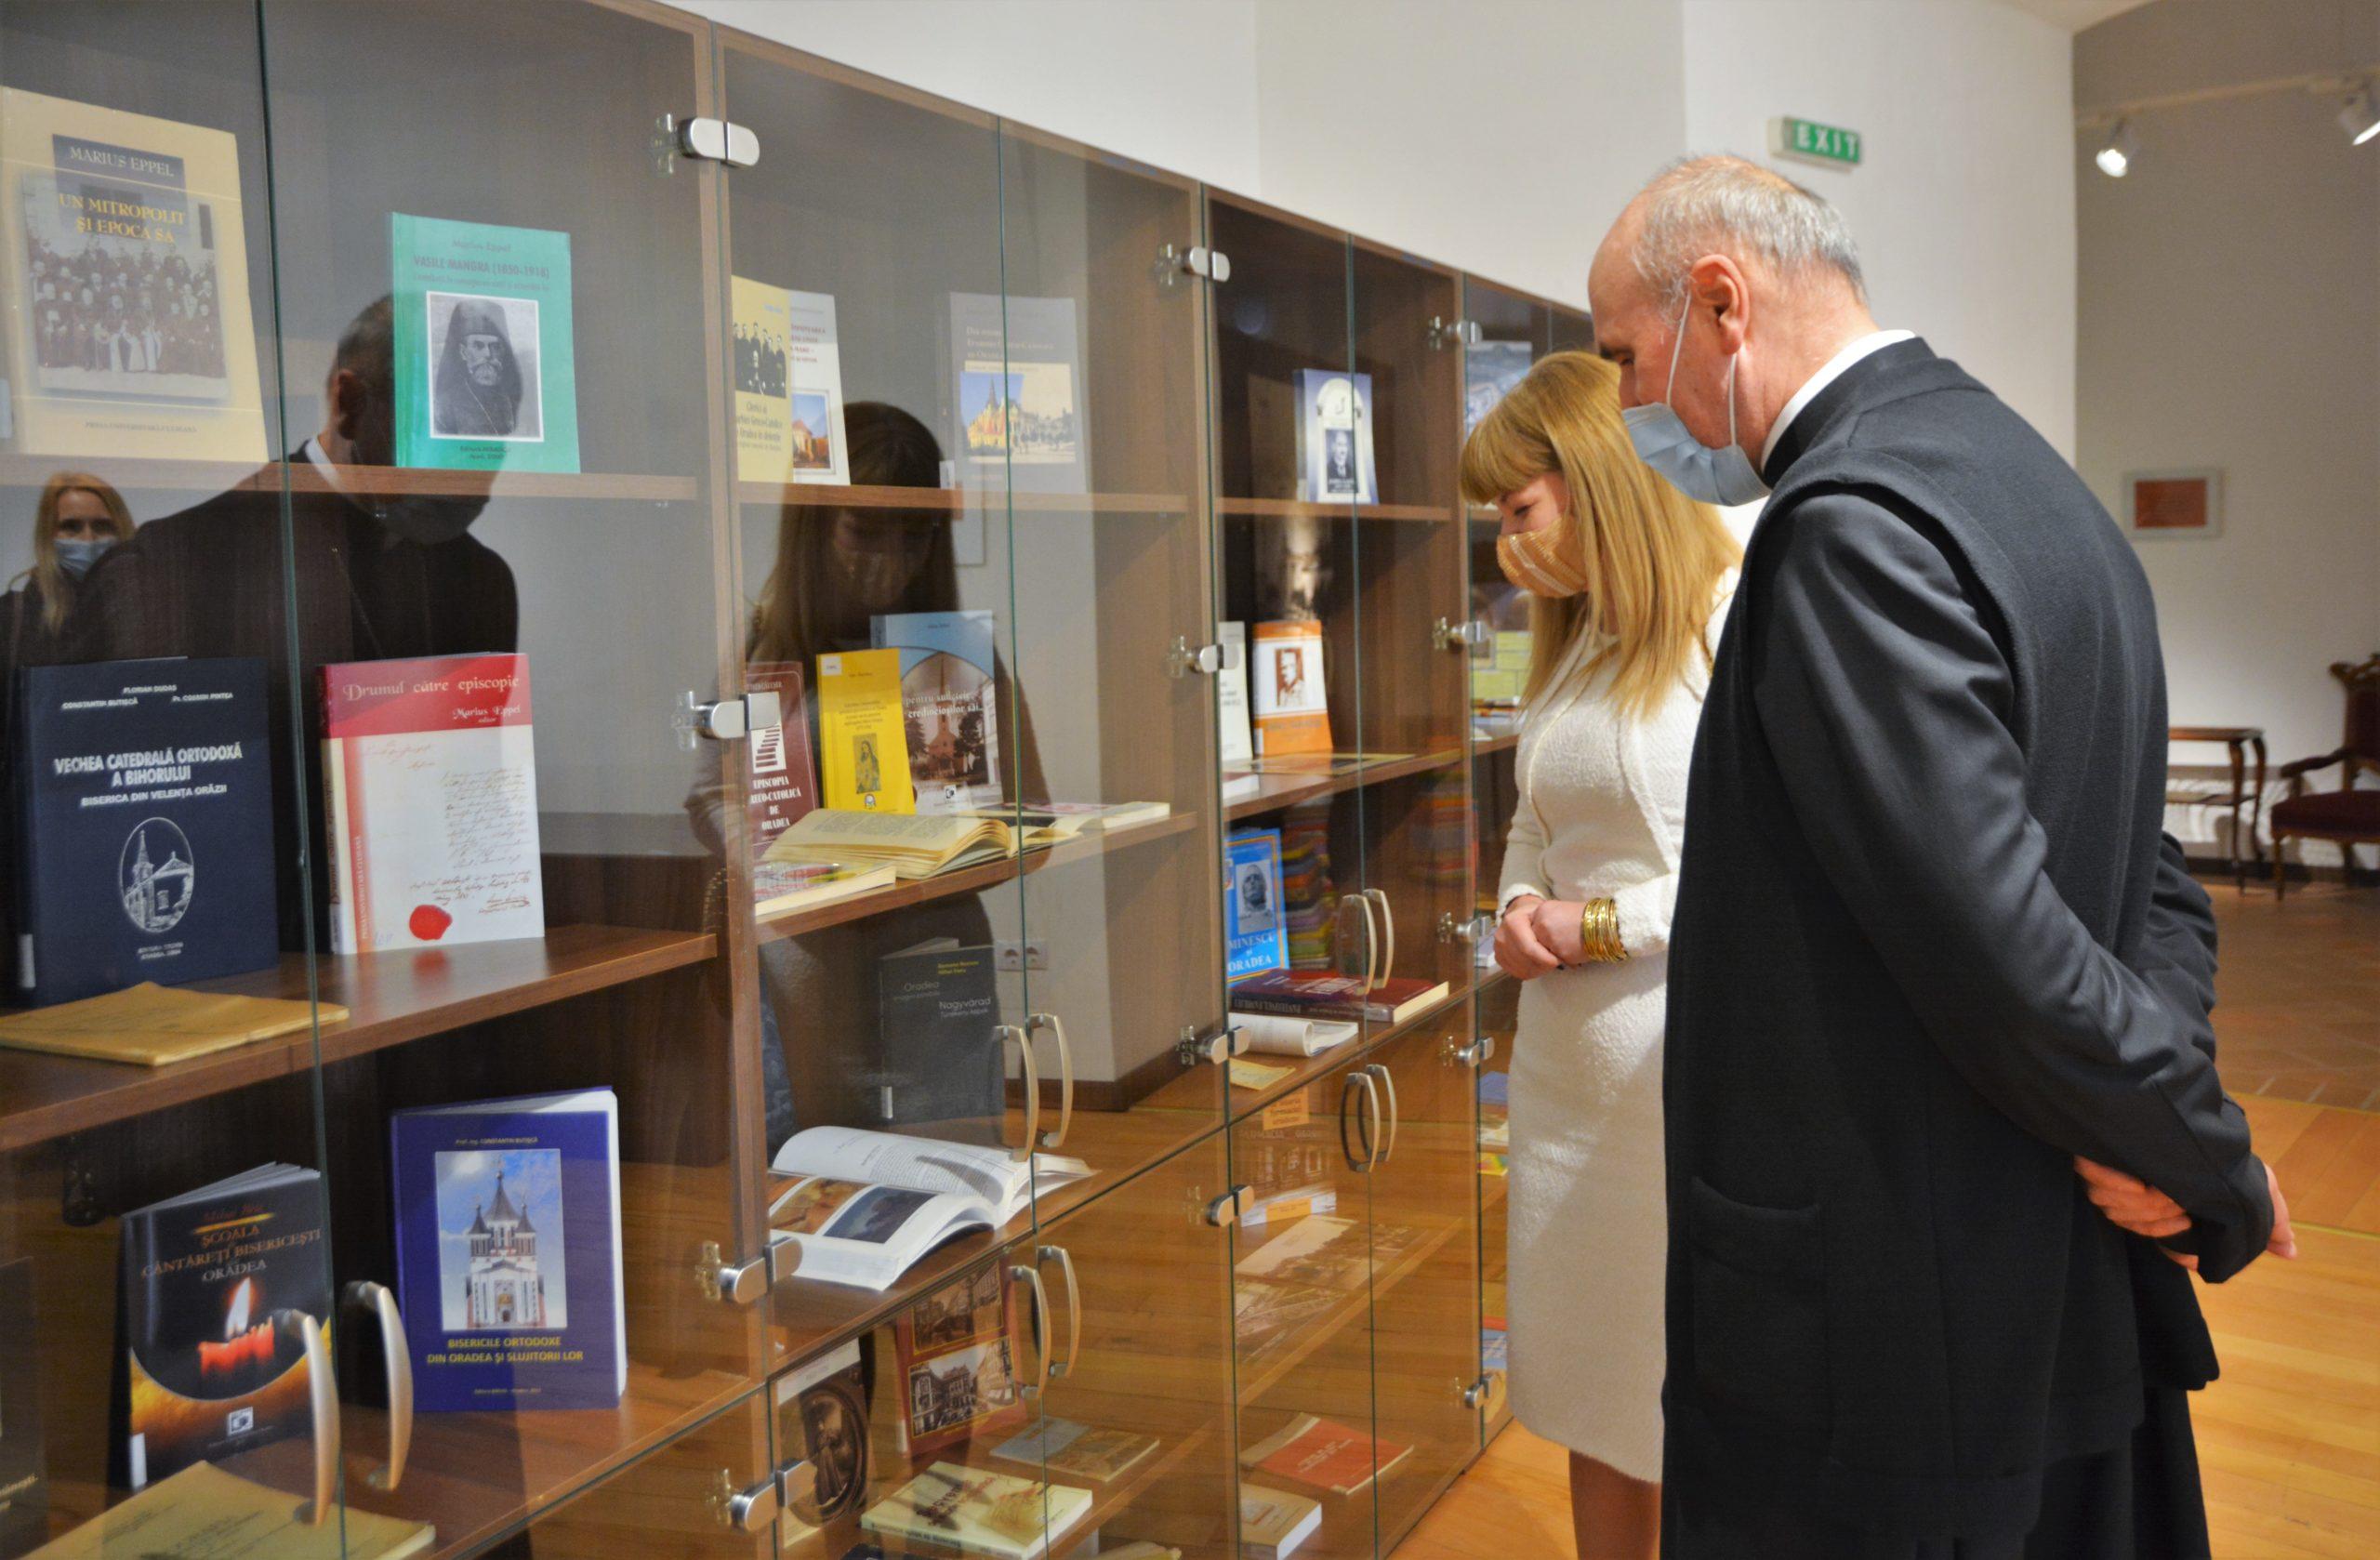 """FOTO: Expoziţia """"Oradea sub tipar. Cărți și imagini din colecțiile Bibliotecii Naționale a României"""" 18.04.2021"""